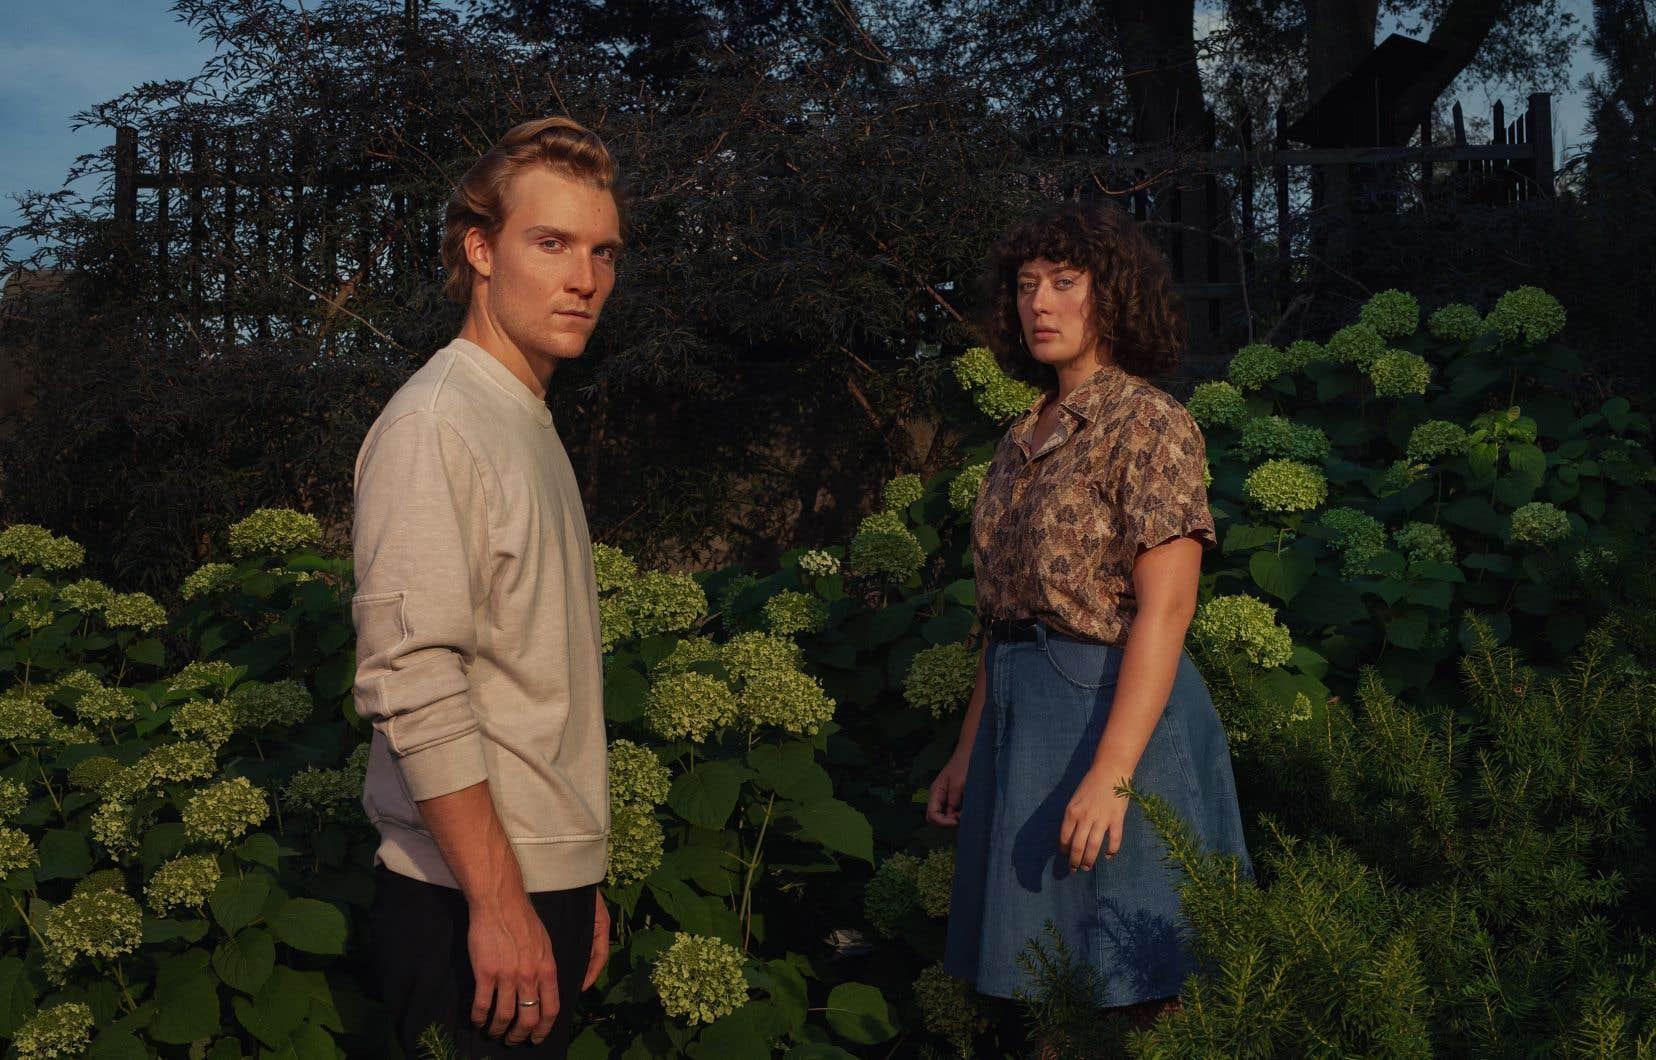 La pièce «Amours propres», mettant en vedette Mattis Savard-Verhoeven et Rose-Anne Déry, n'a pas dû subir d'ajustements majeurs en raison de la pandémie, tournant autour de la question des «passions à distance».